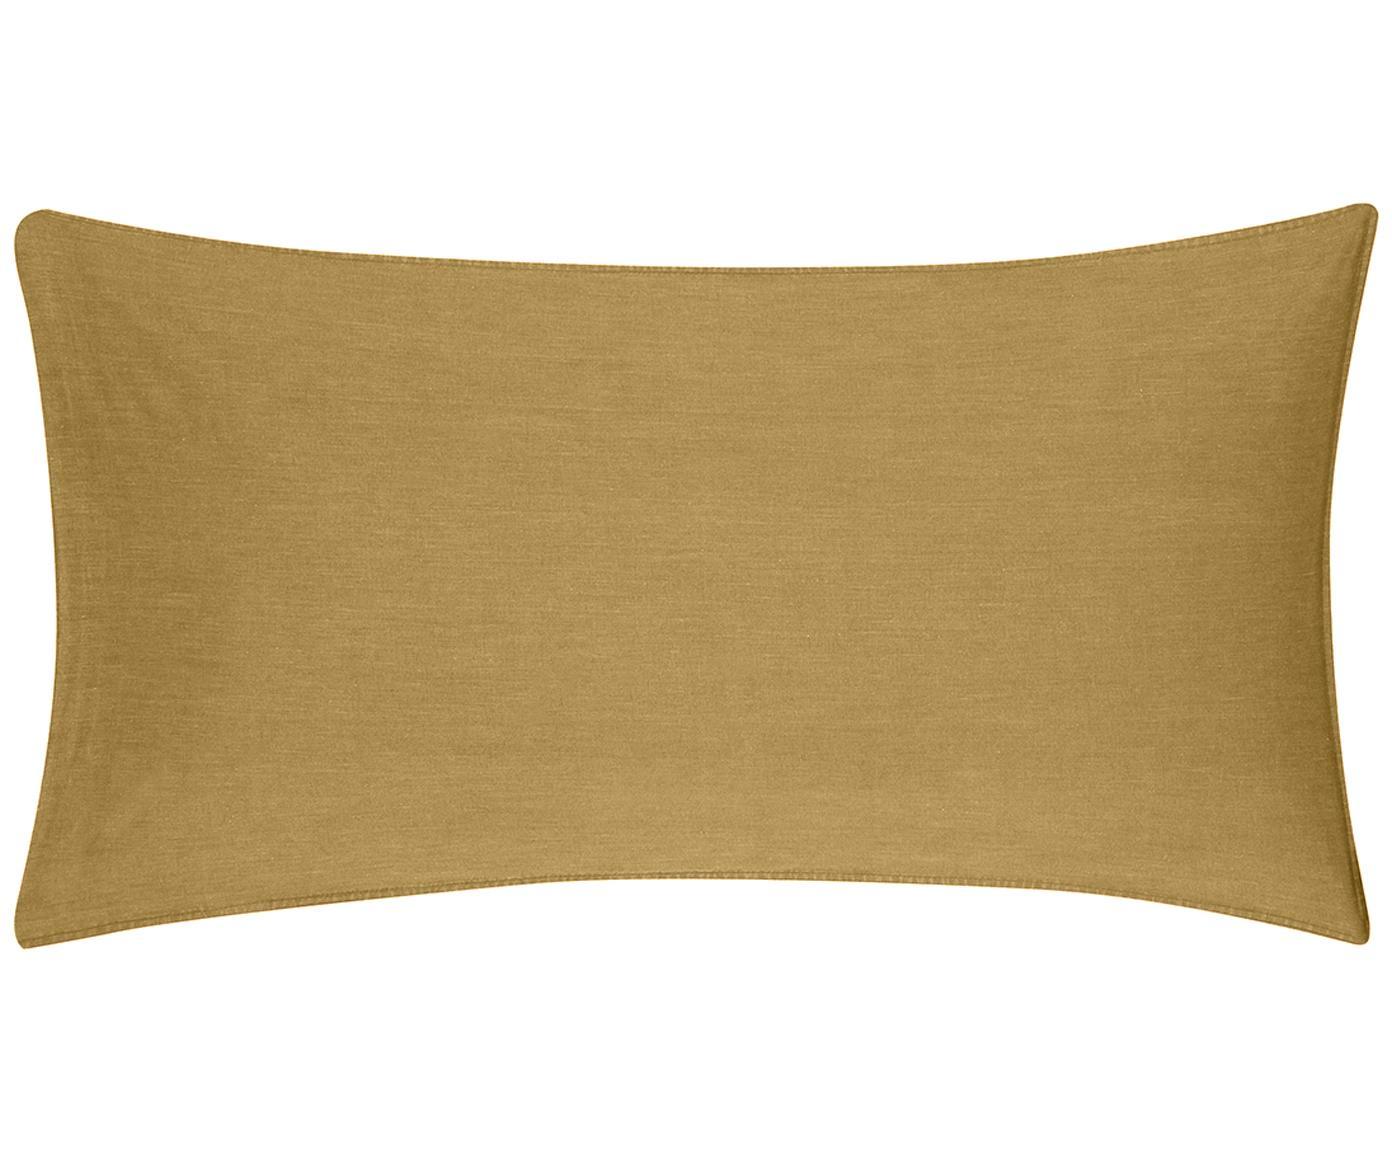 Gewaschene Baumwoll-Kissenbezüge Arlene in Gelb, 2 Stück, Webart: Renforcé Fadendichte 144 , Gelb, 40 x 80 cm